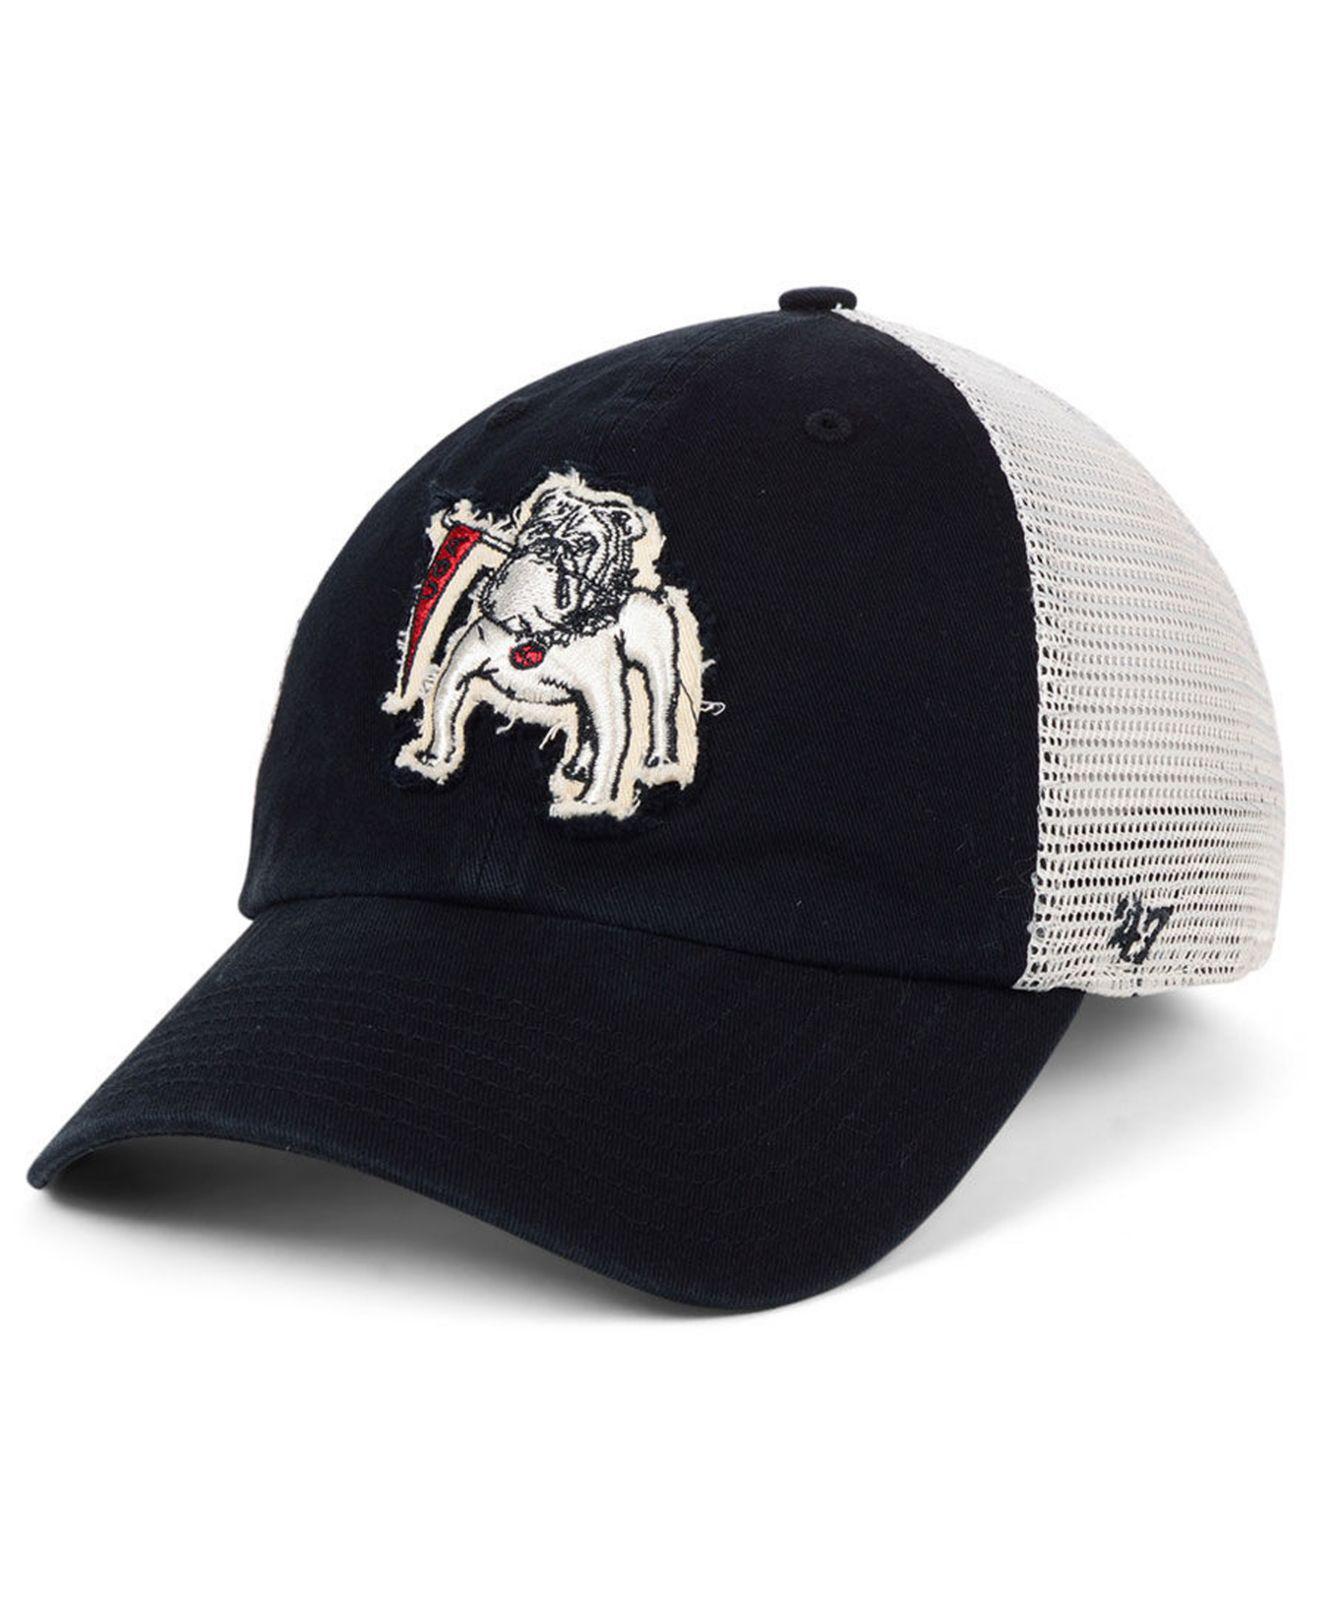 52a34426fbb 47 Brand. Men s Black Georgia Bulldogs Stamper Closer Stretch Fitted Cap